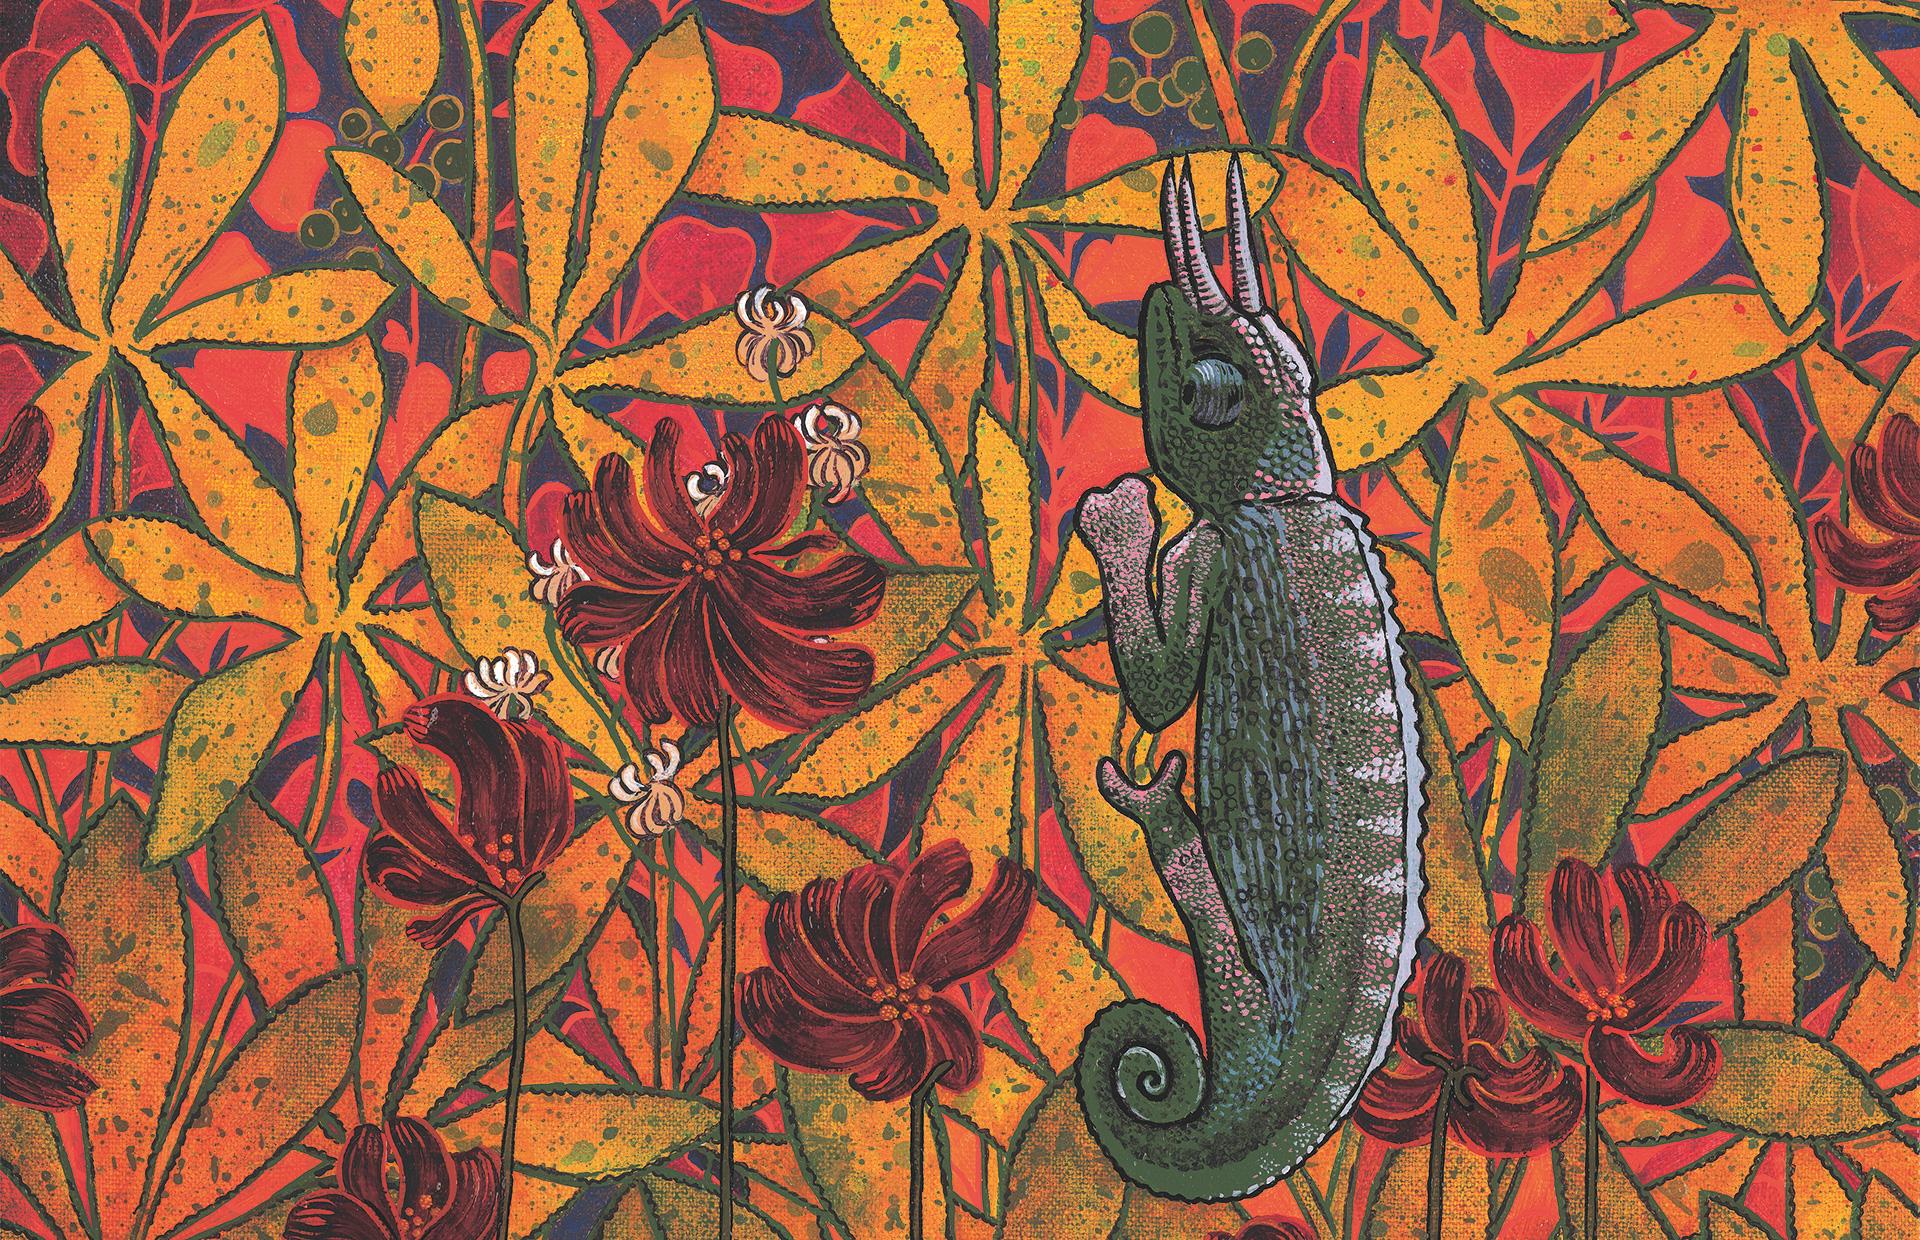 Le cornu, Anne Kervarec artiste peintre Nantes